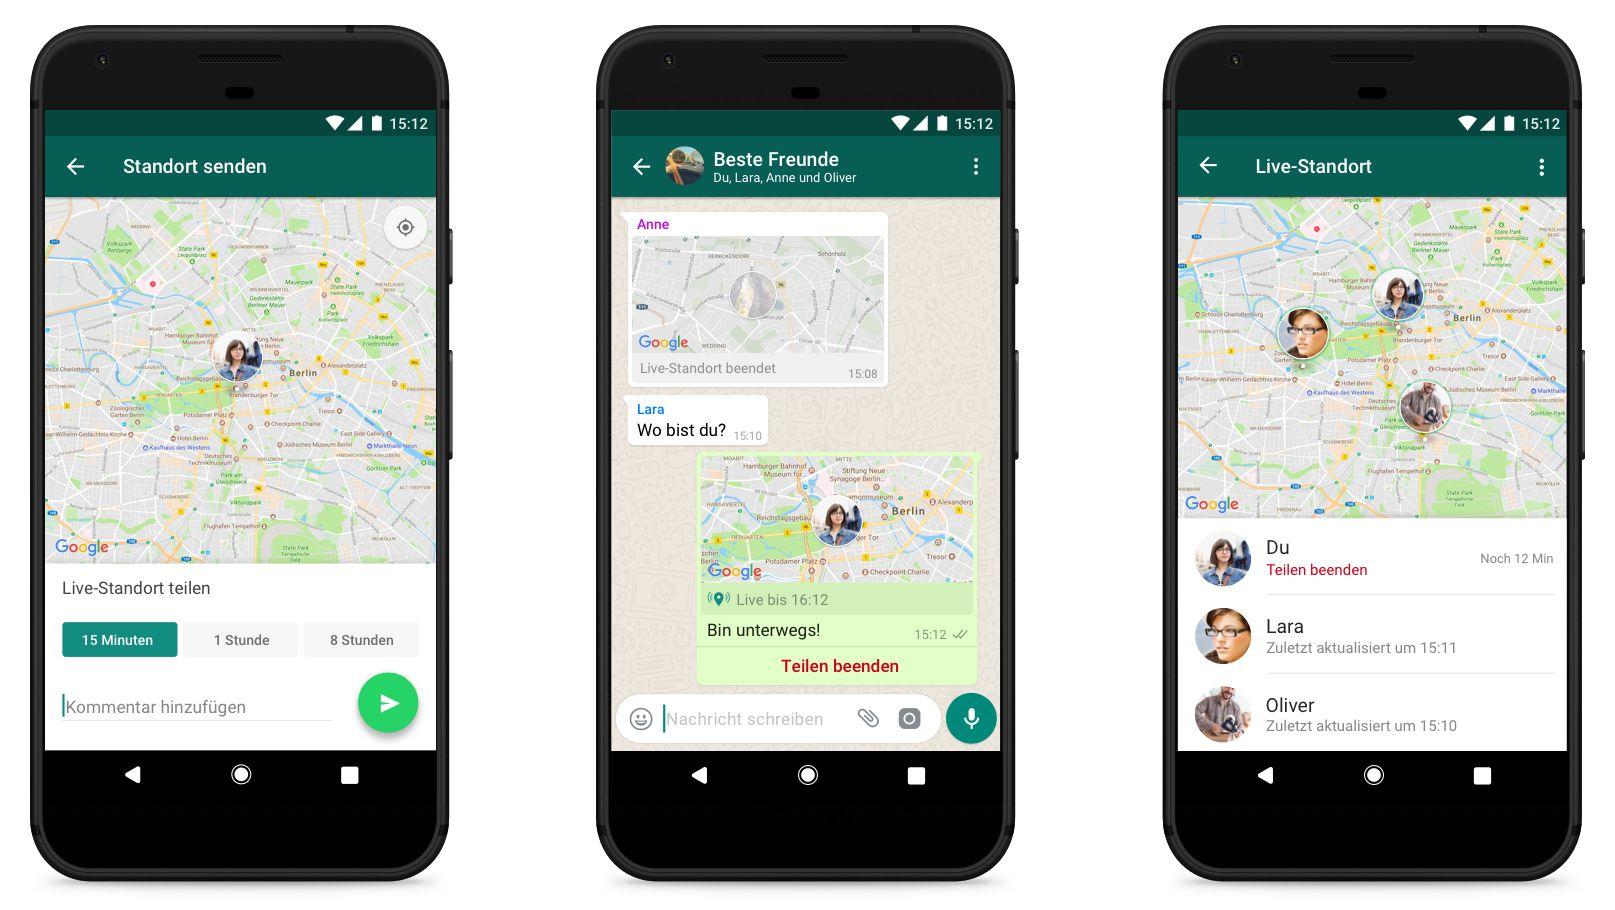 WhatsApp Live-Standort-Funktion (anklicken zum Vergrößern)